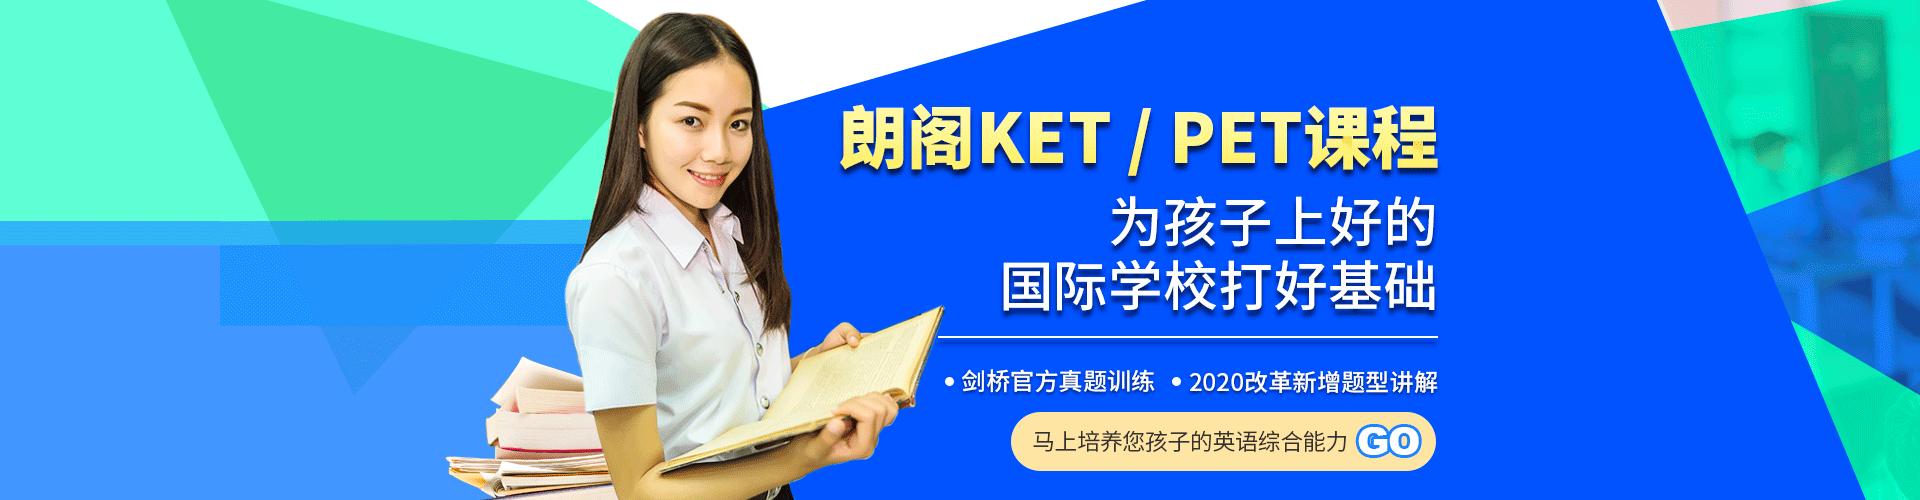 朗阁KET/PET课程